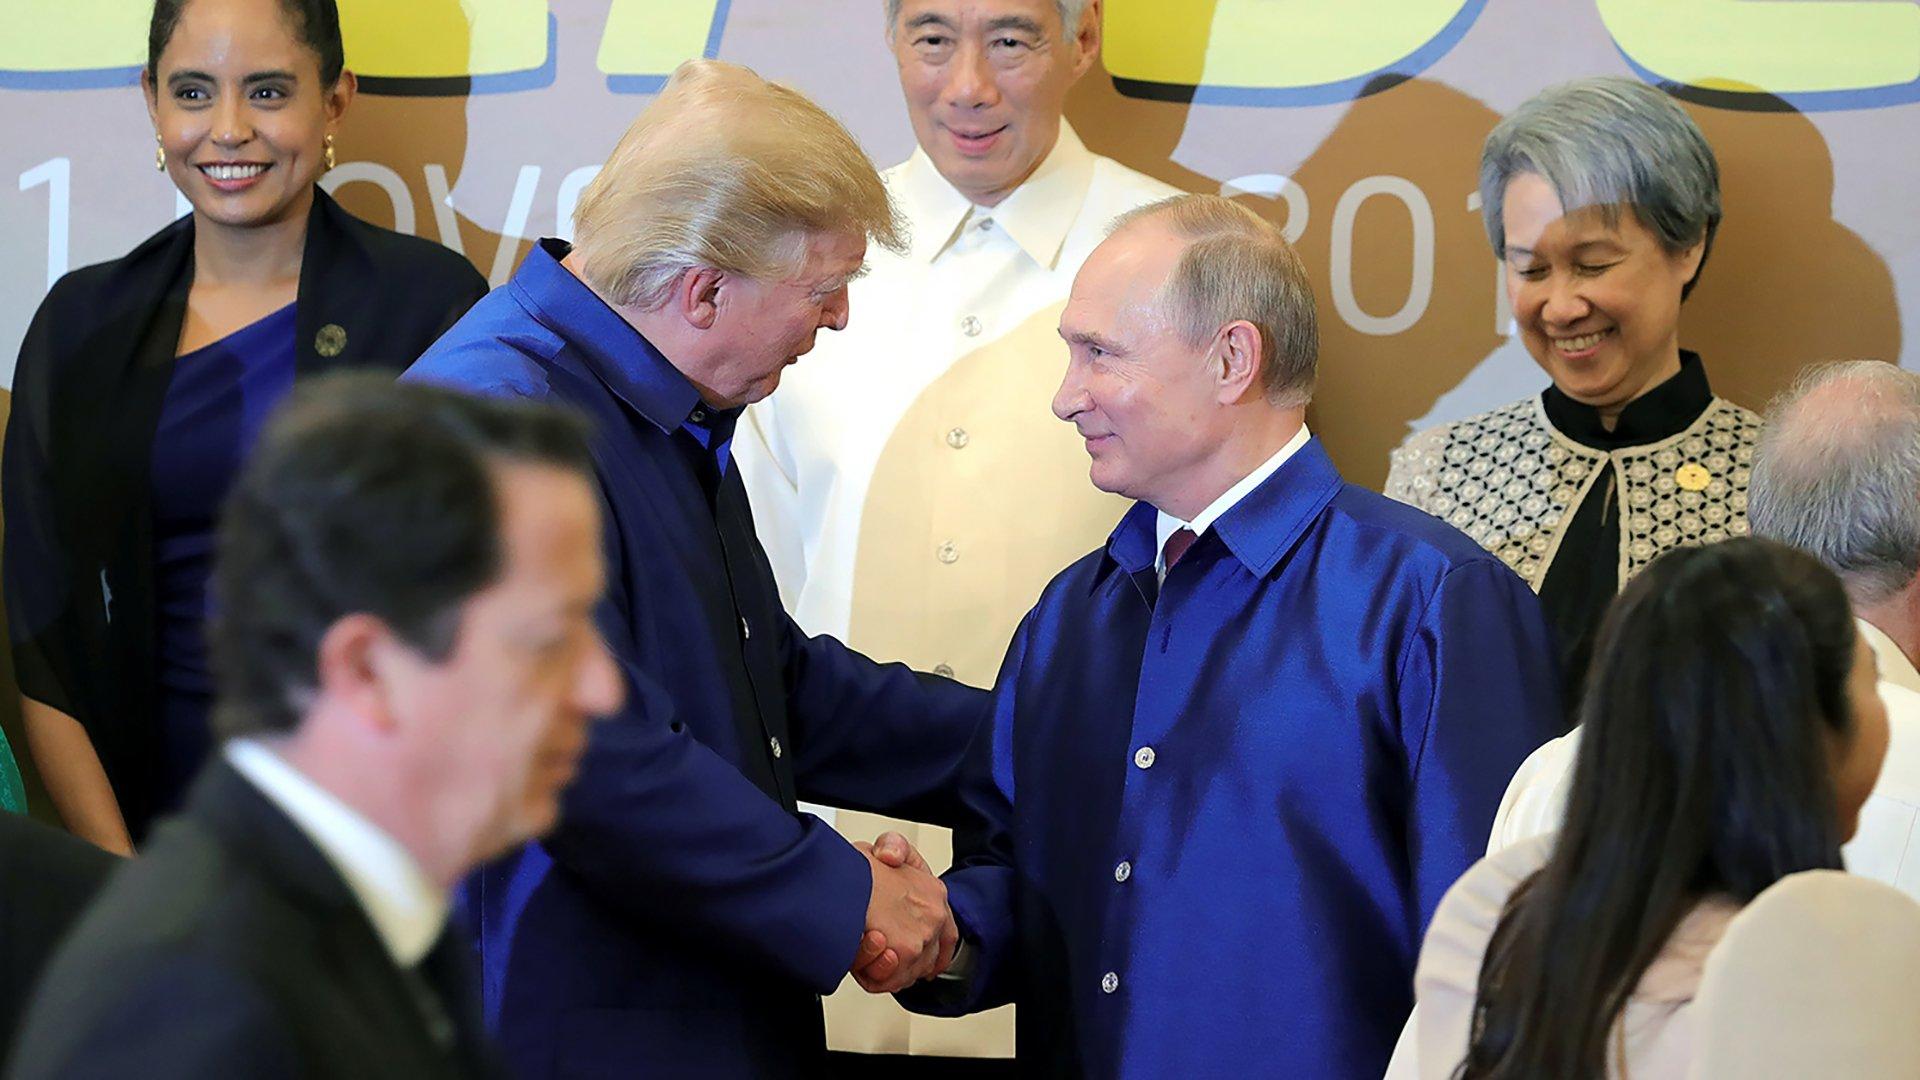 Встреча Путина и Трампа не состоялась из-за США отметил Песков